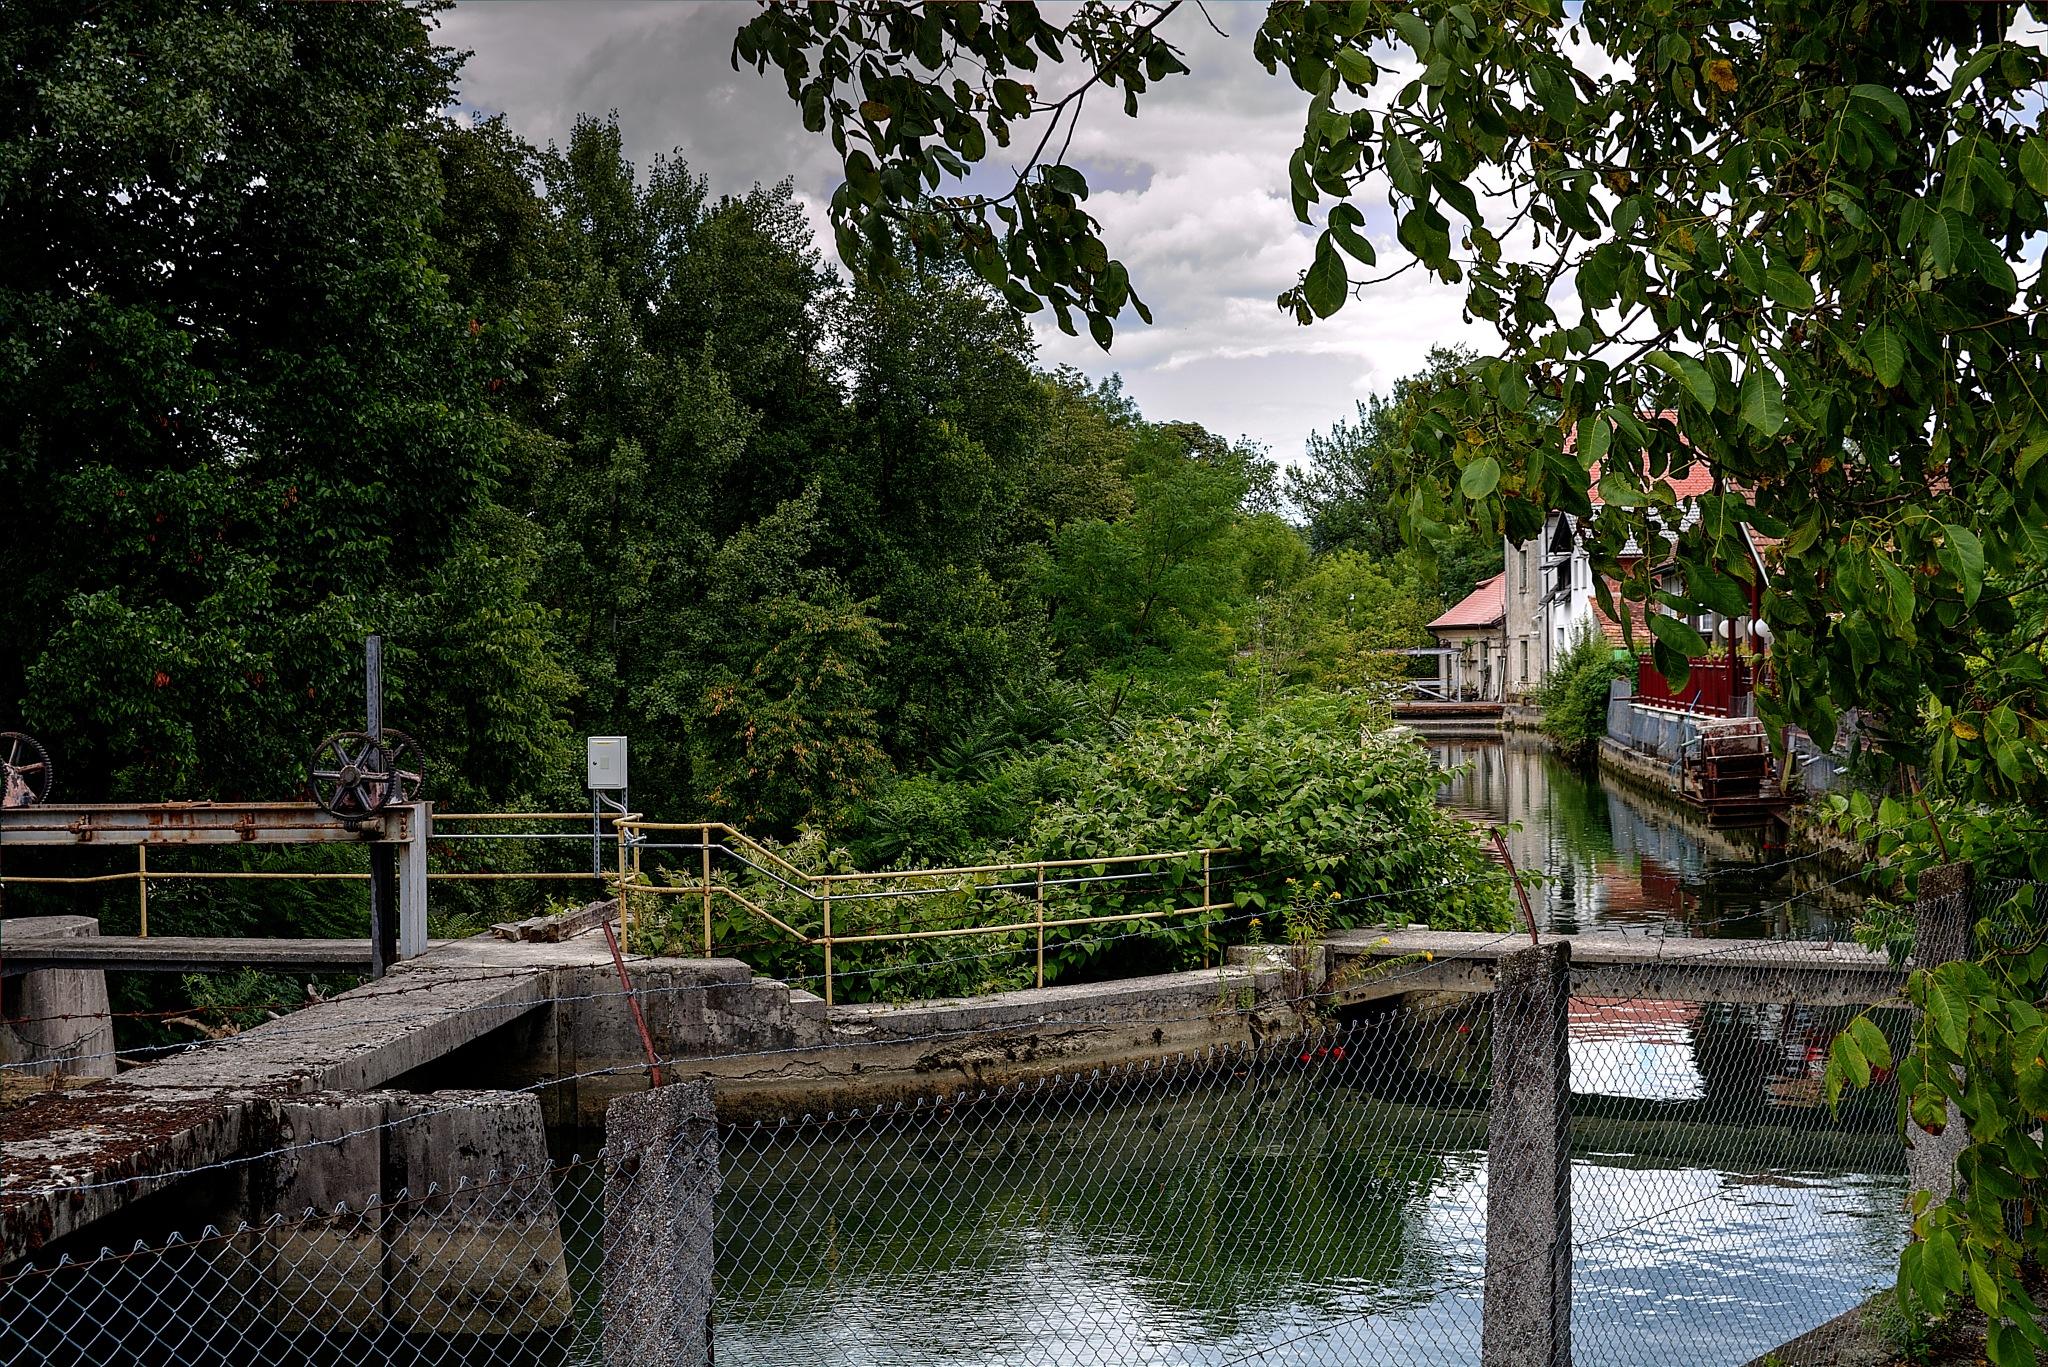 River Ljubljanica, Fužine by zvnktomasevic